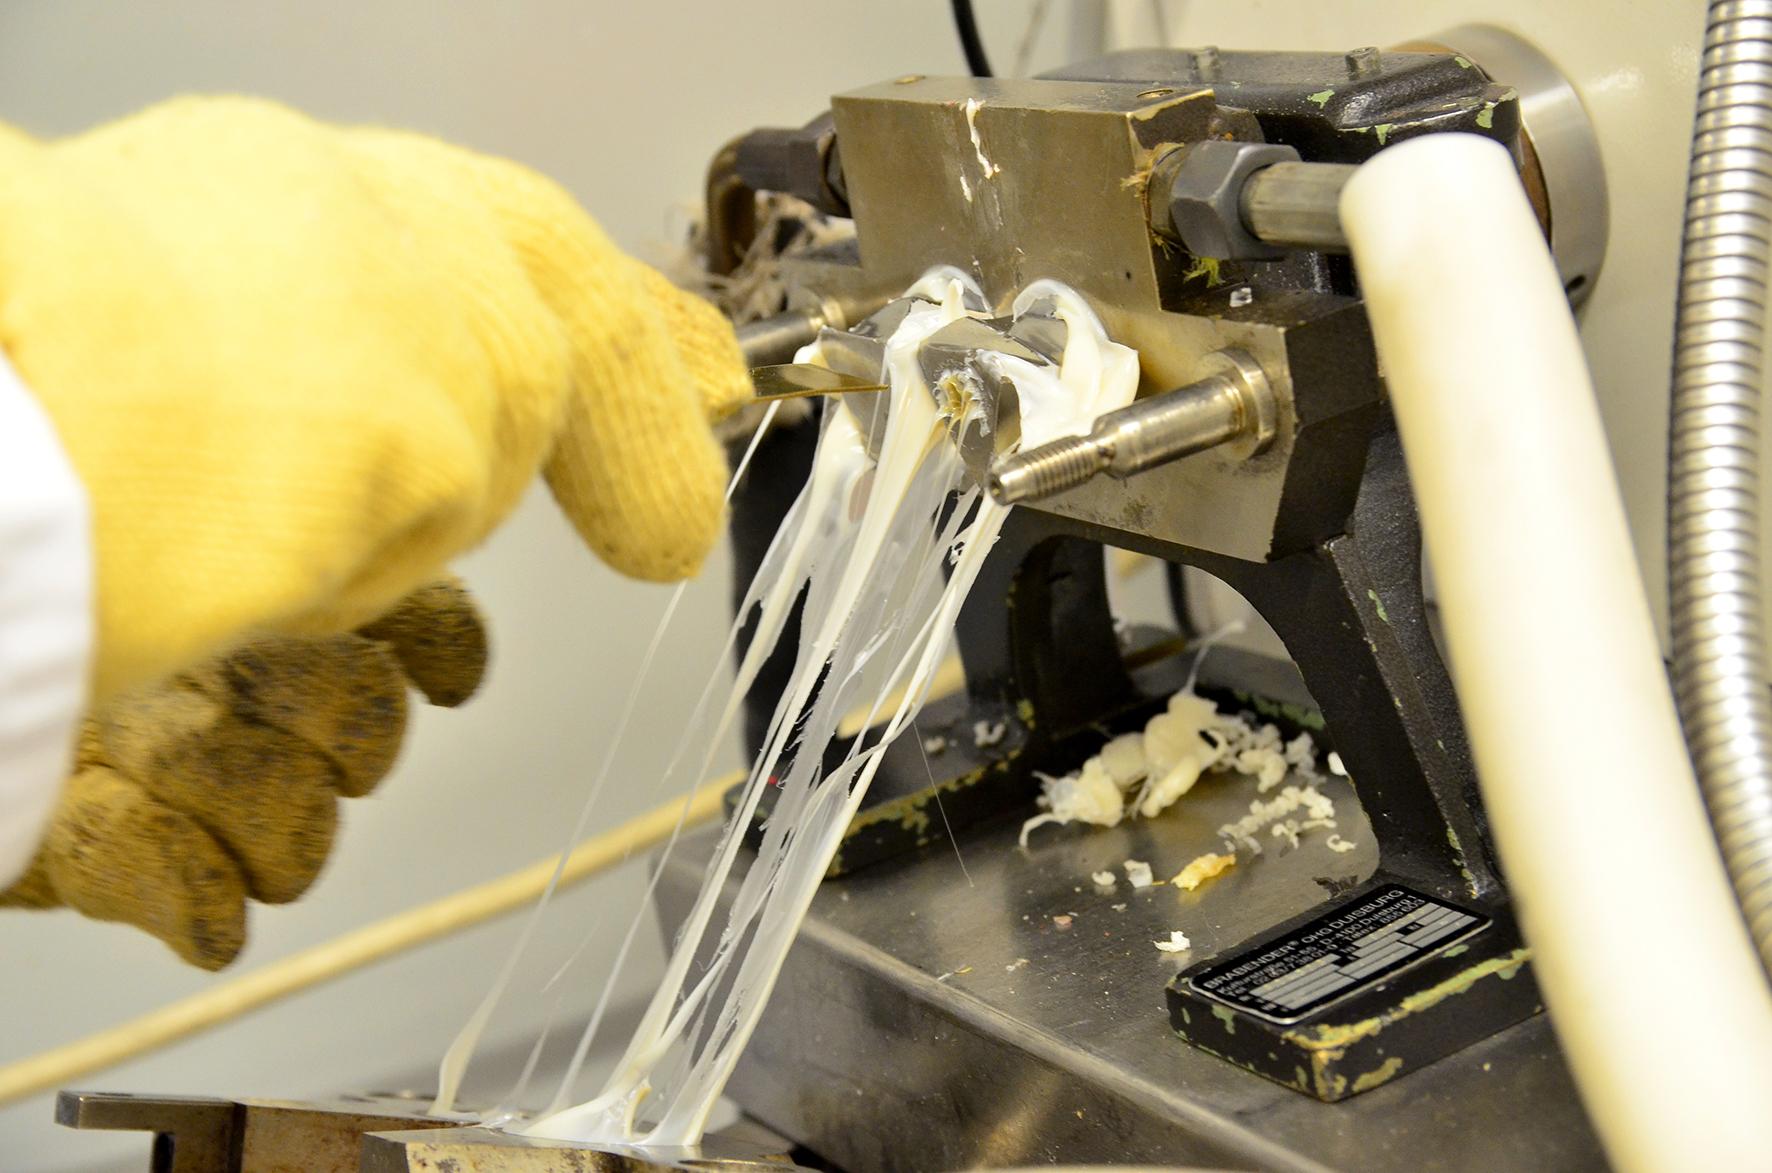 Detailaufnahme der Kunststofffäden